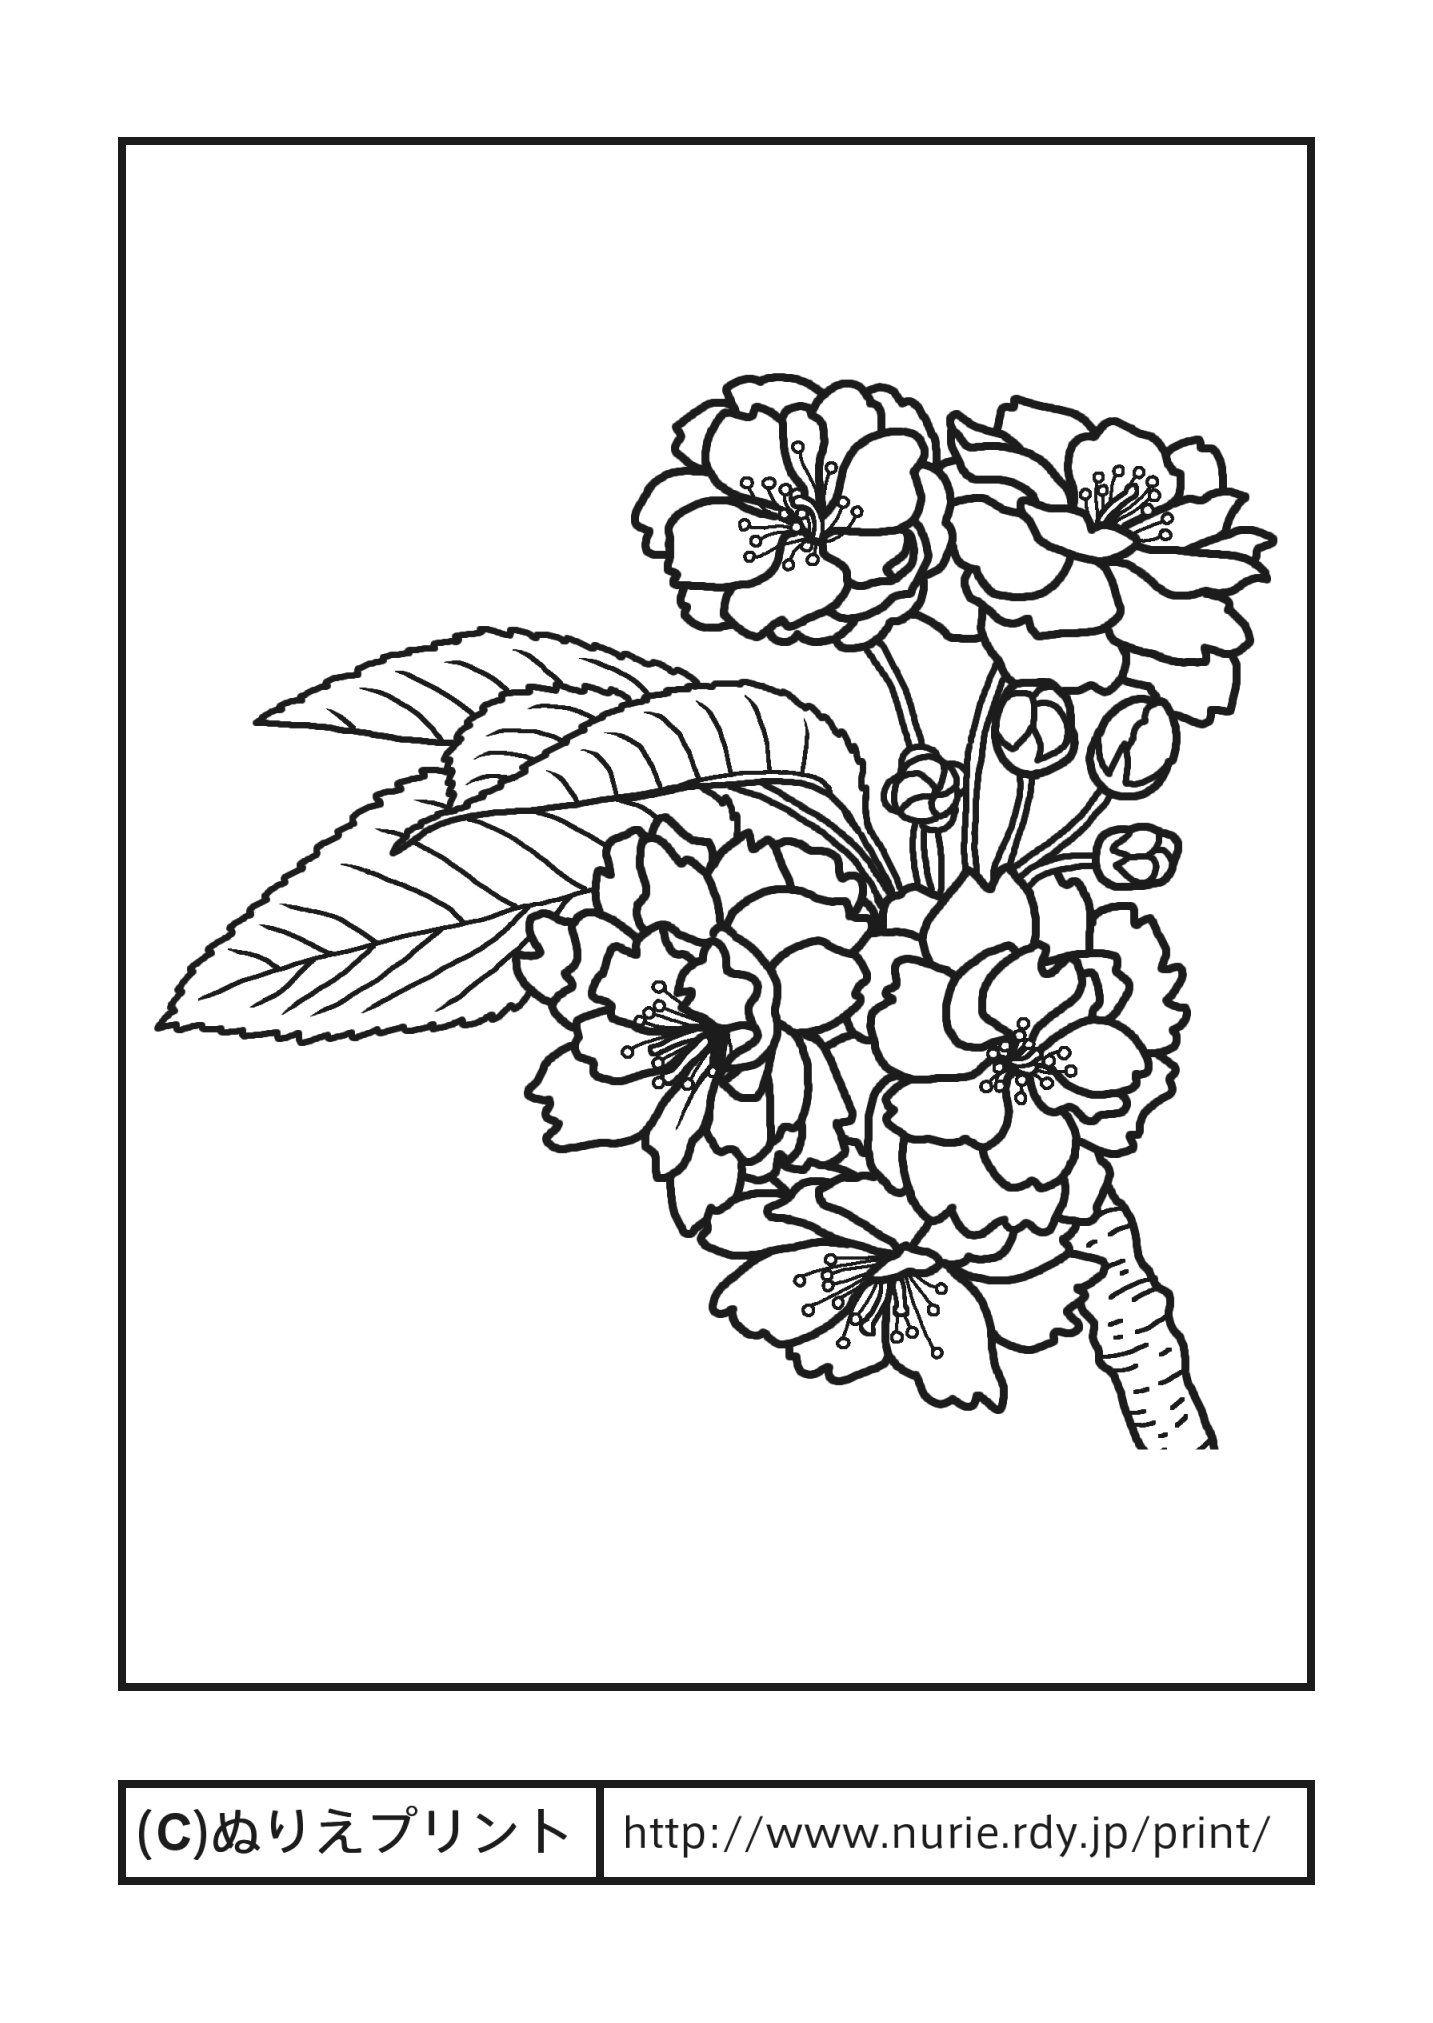 ナラヤエザクラ奈良八重桜主線黒奈良県の花無料塗り絵都道府県